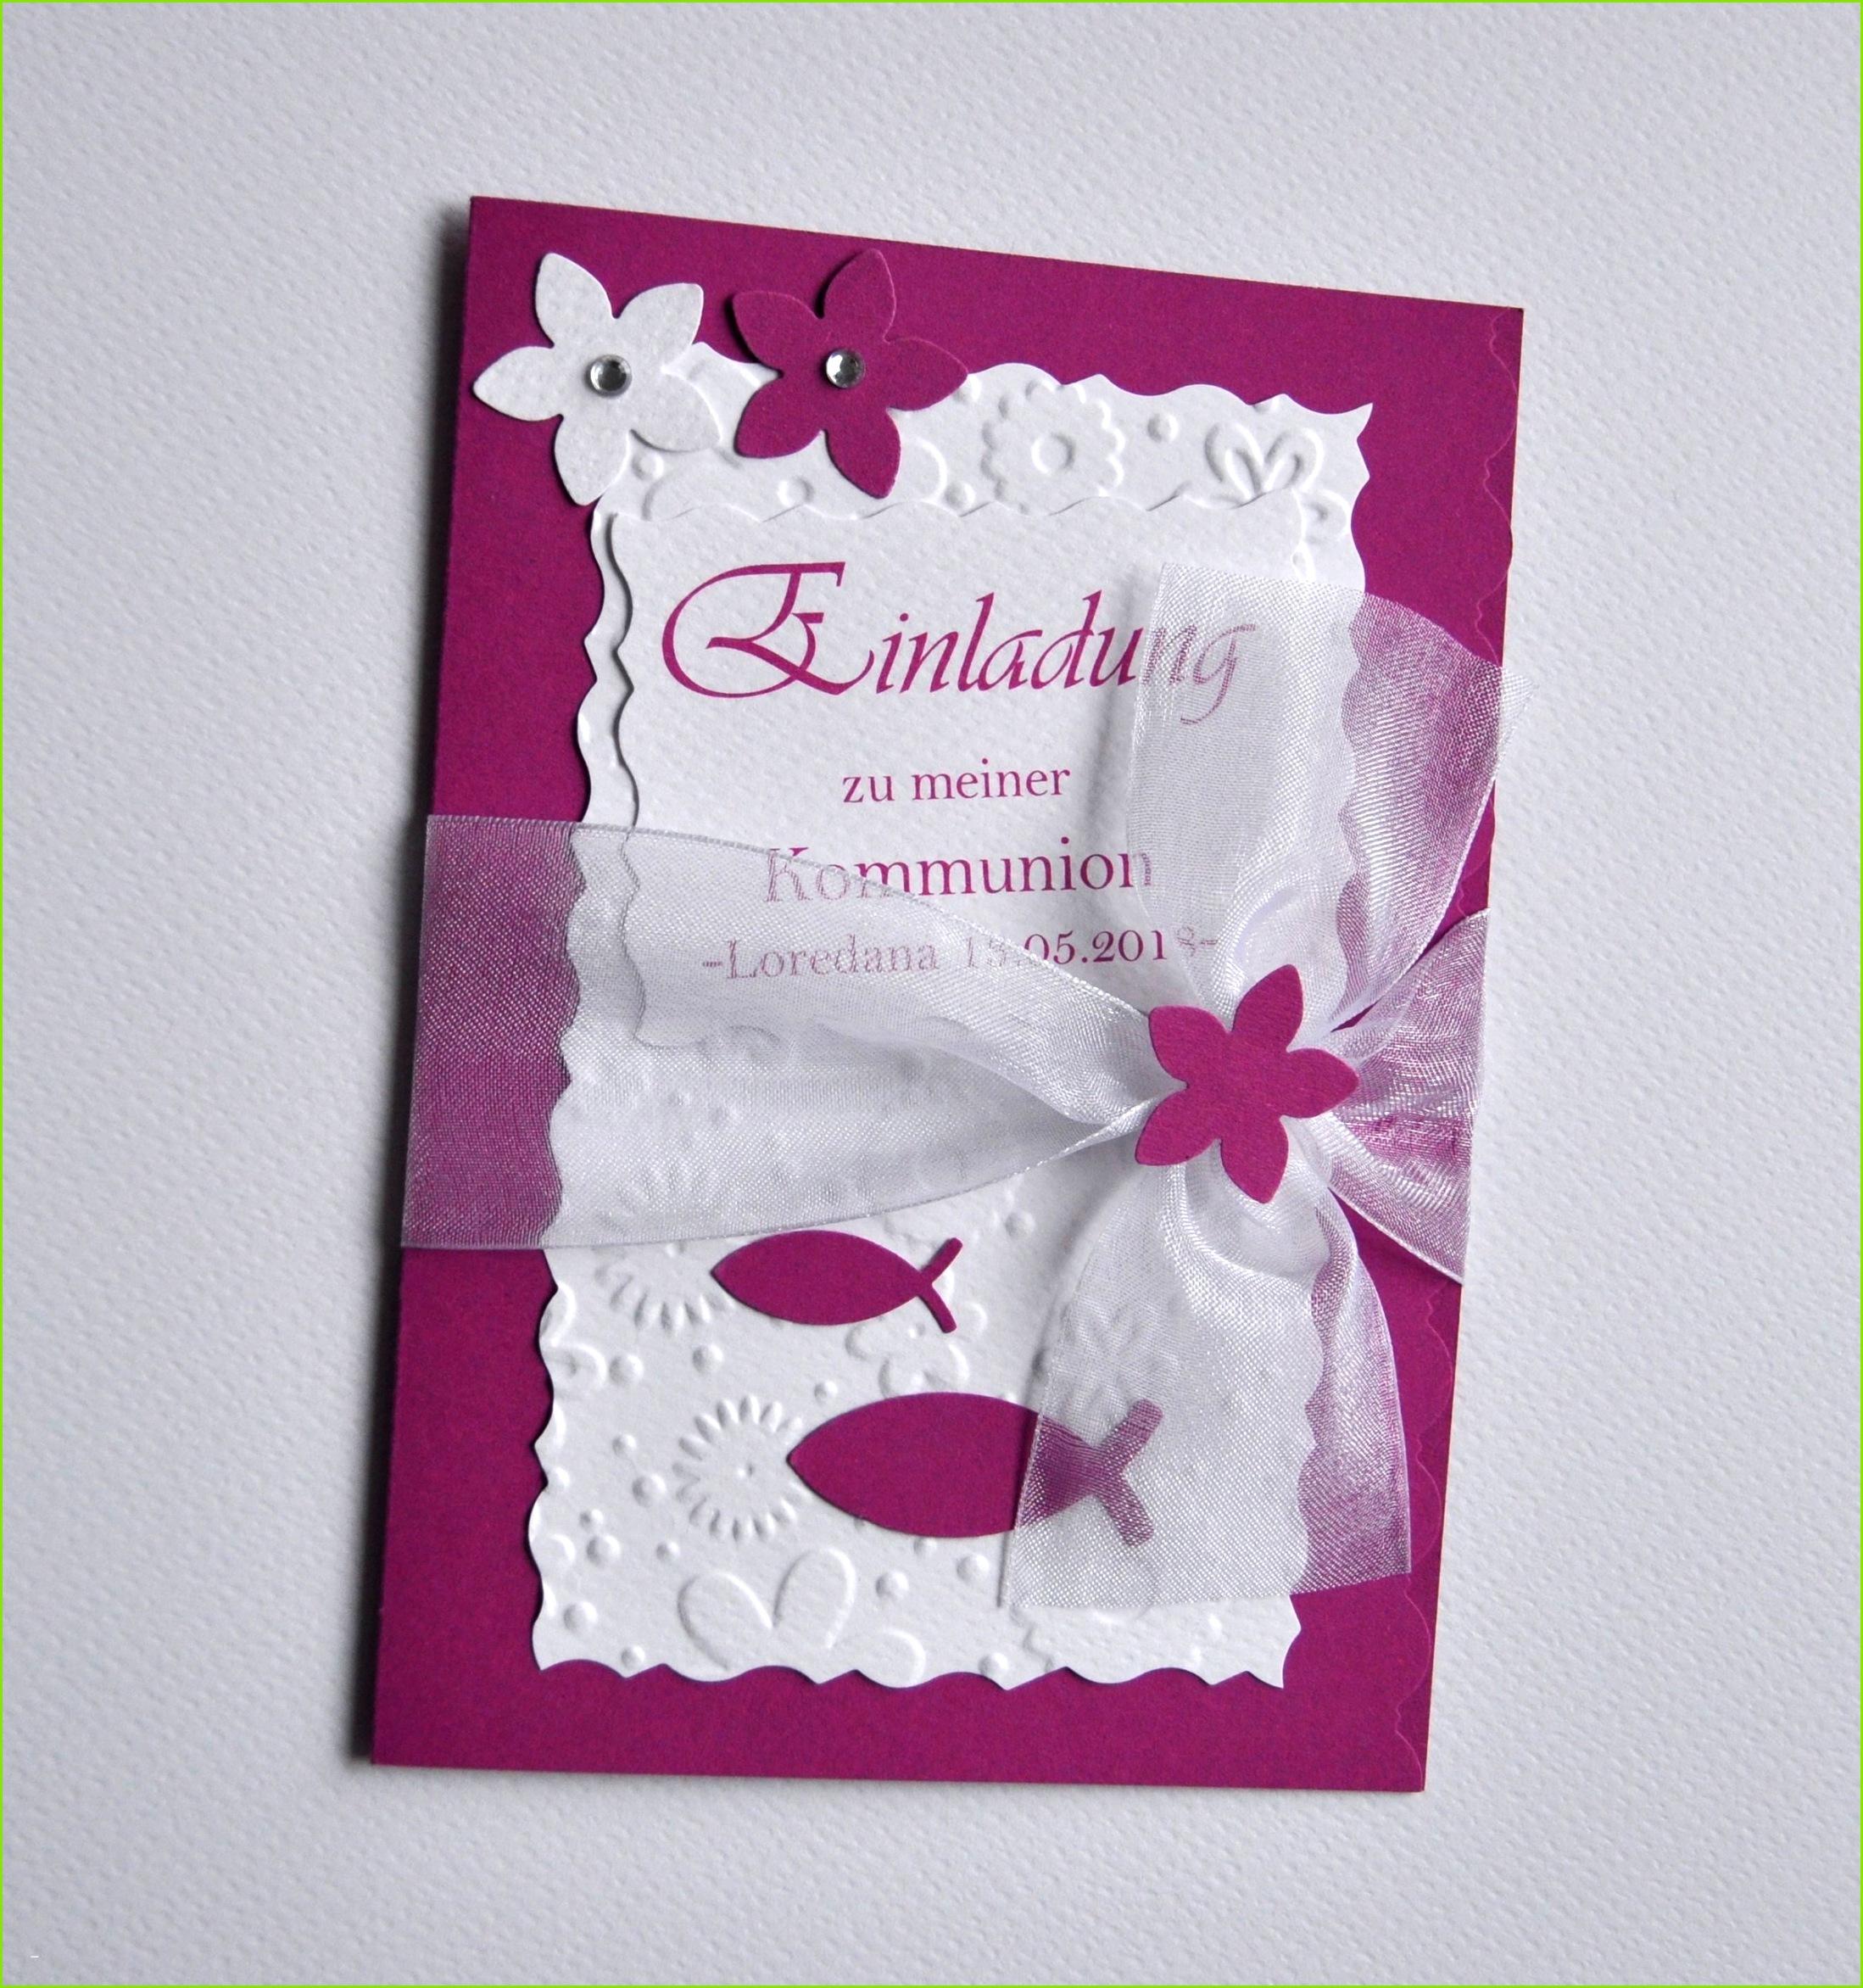 Kommunion Einladungskarten Dankeskarten Firmung Sammlungen Einladungskarten Einladungskarte kommunion einladungskarten 0D Einladungskarten Selber Grußkarte